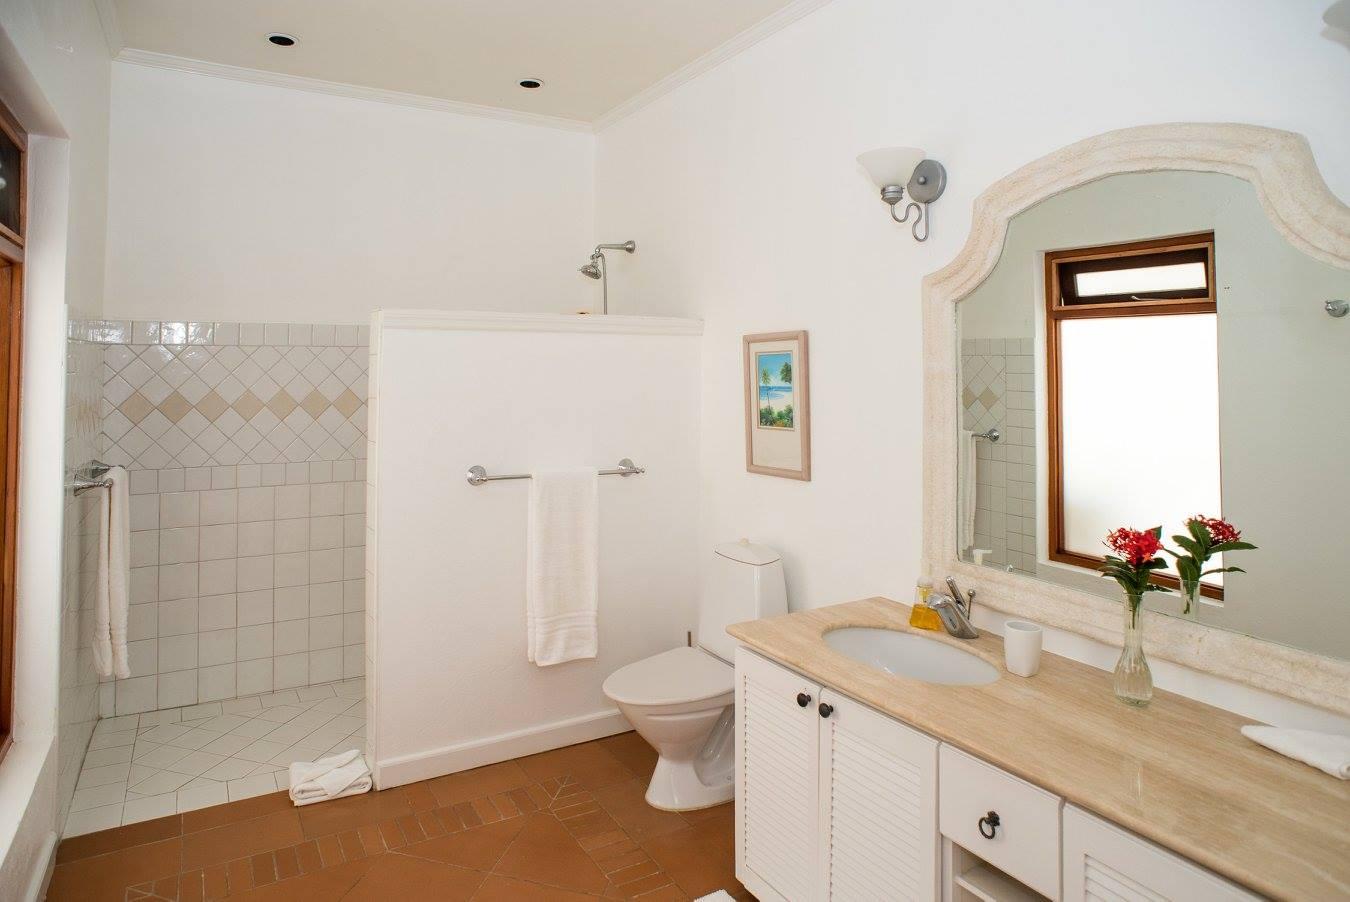 bathroom for a villa to rent in Barbados